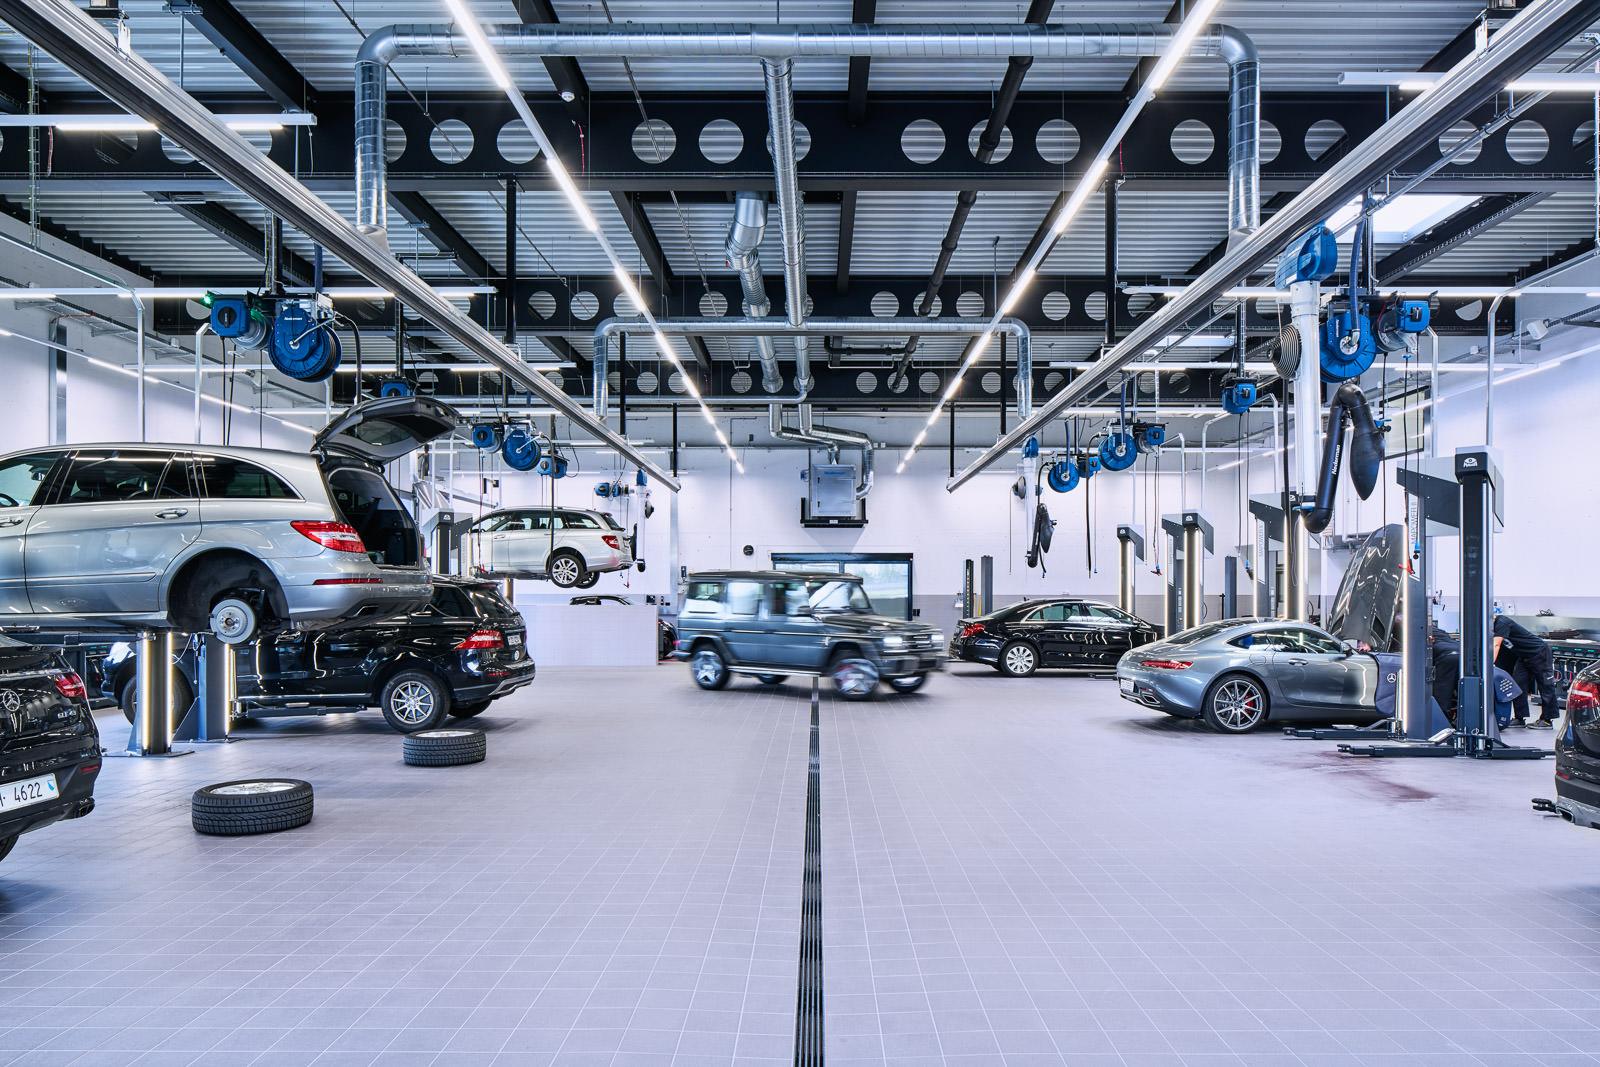 Industrie- und Technologie-Fotografie - Garage, Werkstatt - Fotograf Zürich Zug Luzern